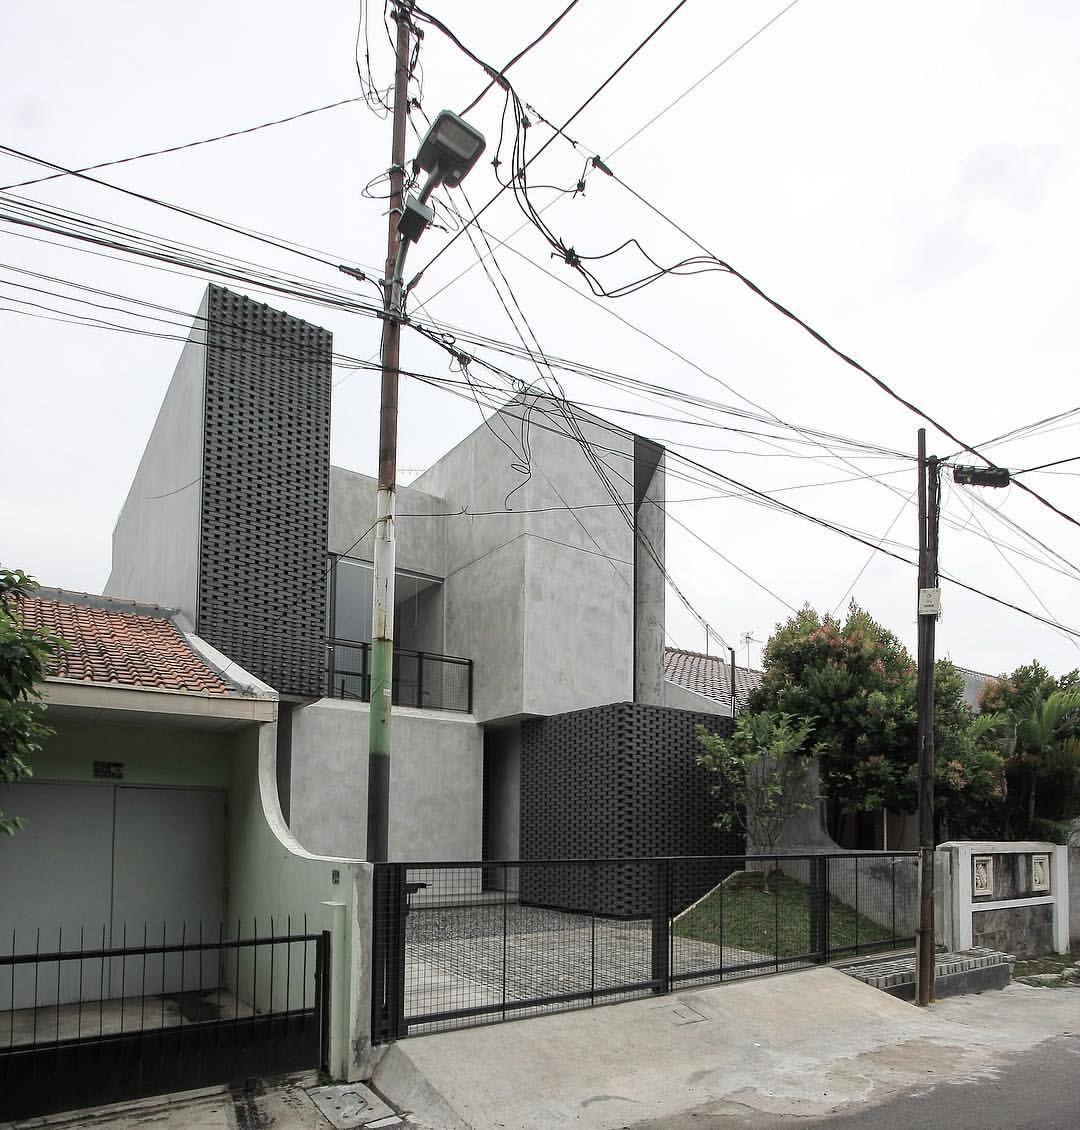 A beautiful mess, overhead power lines, like bangkok, jakarta or ...